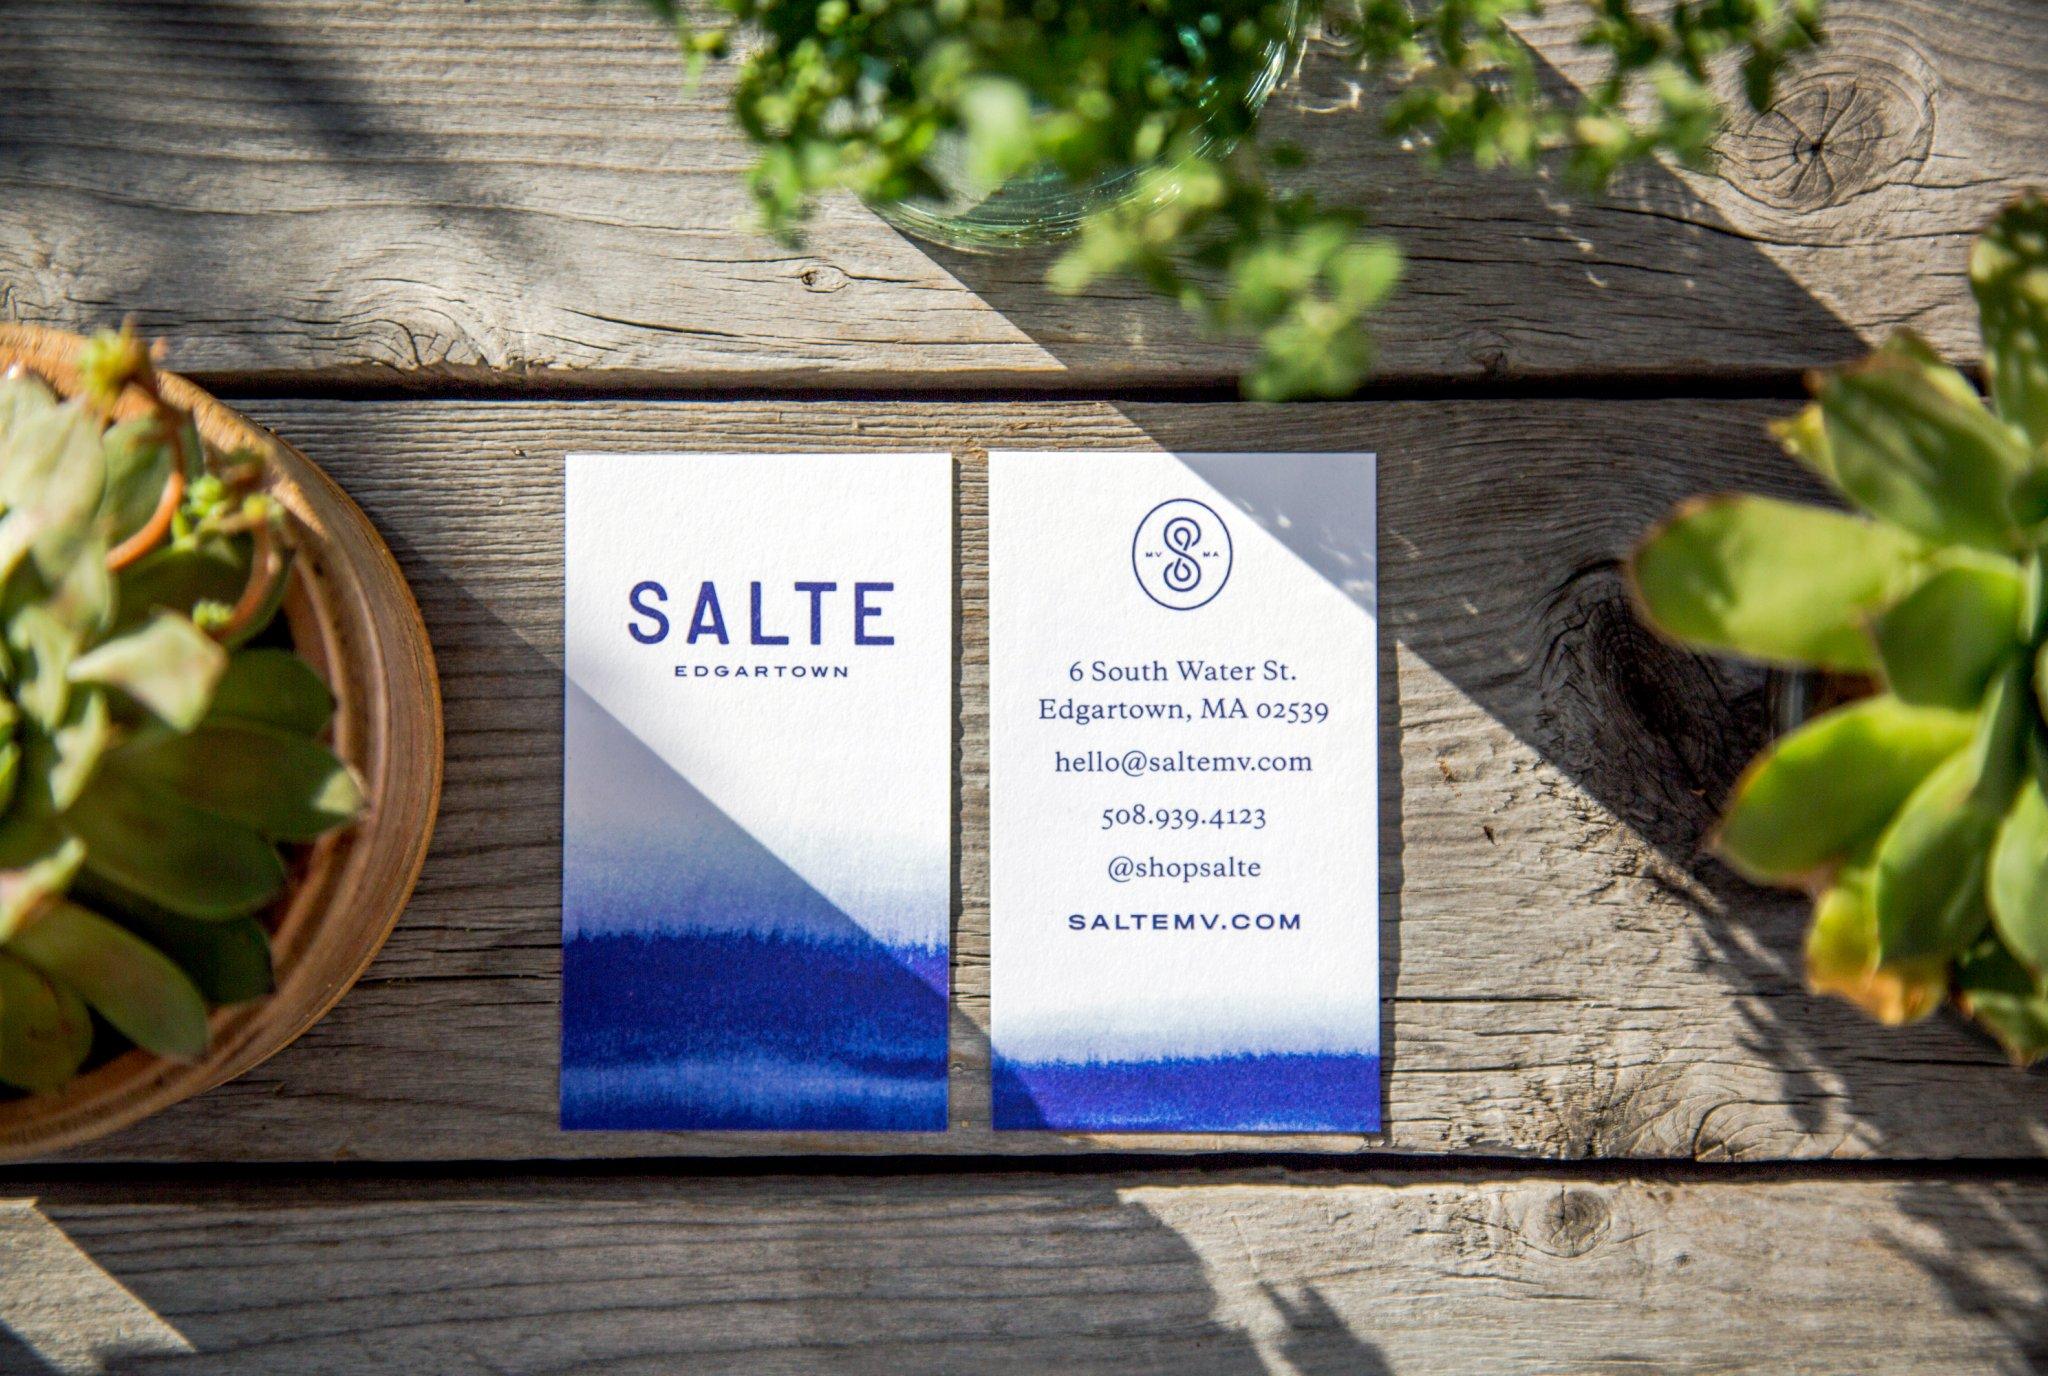 Salte-1058.jpg